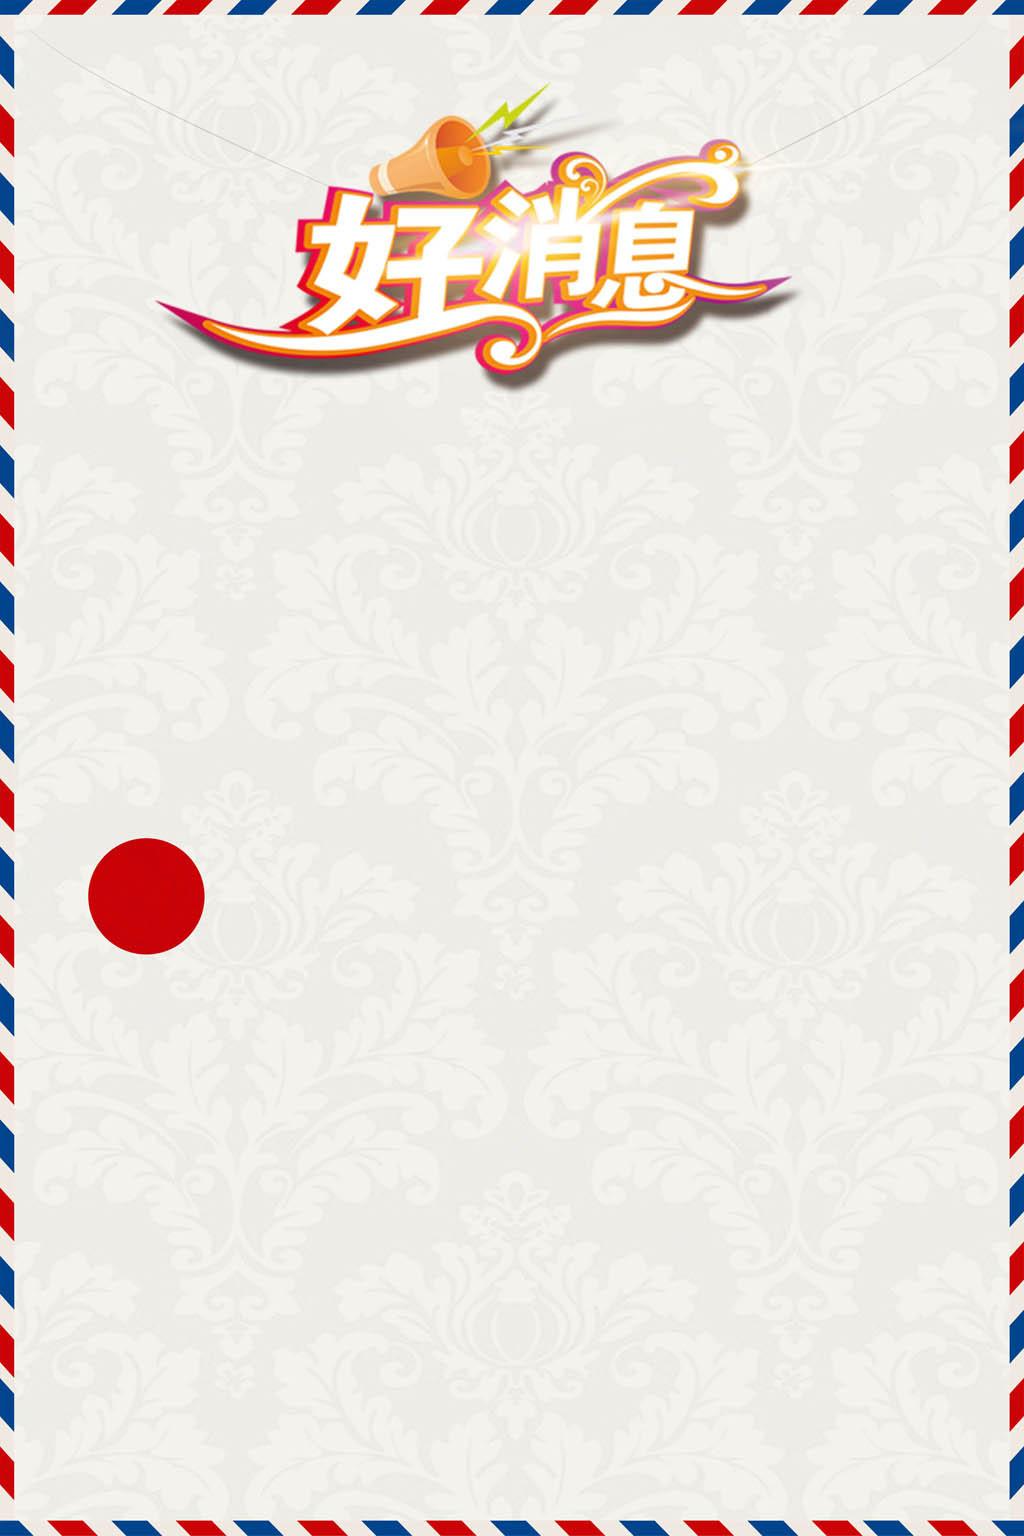 平面|广告设计 海报设计 pop海报 > 打折促销好消息模板psd下载